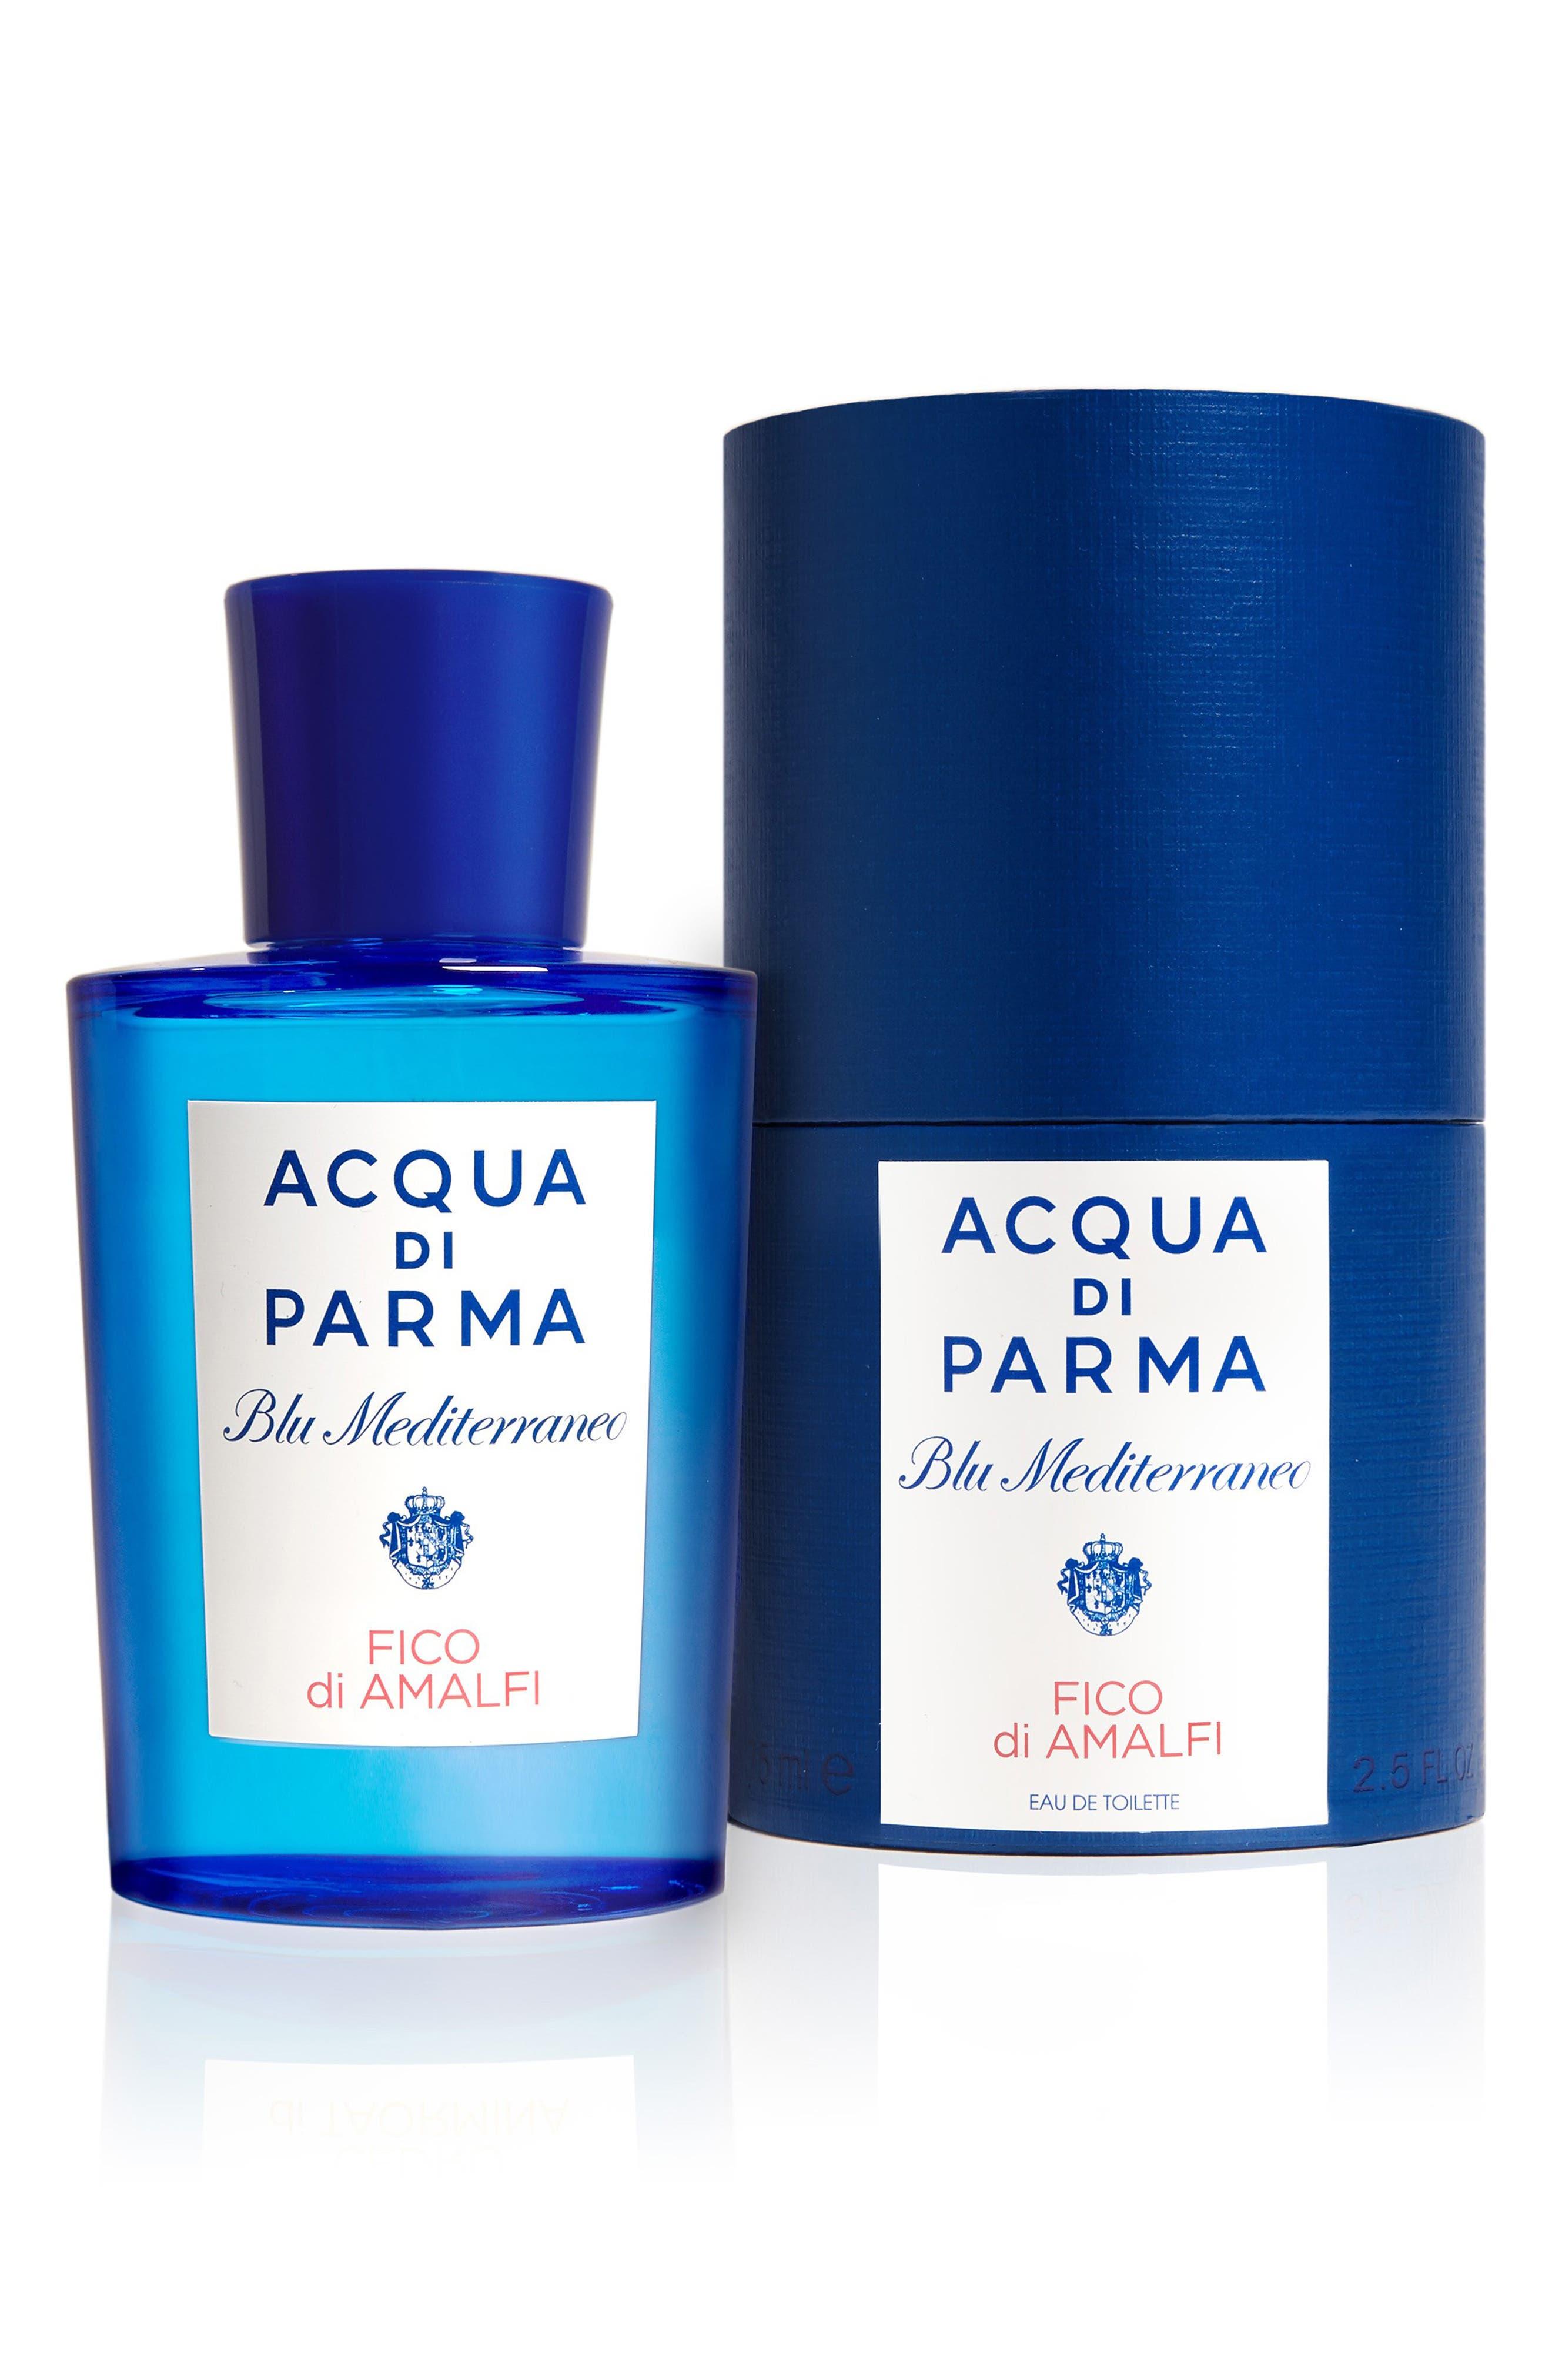 ACQUA DI PARMA,                             'Blu Mediterraneo' Fico di Amalfi Eau de Toilette Spray,                             Alternate thumbnail 2, color,                             NO COLOR